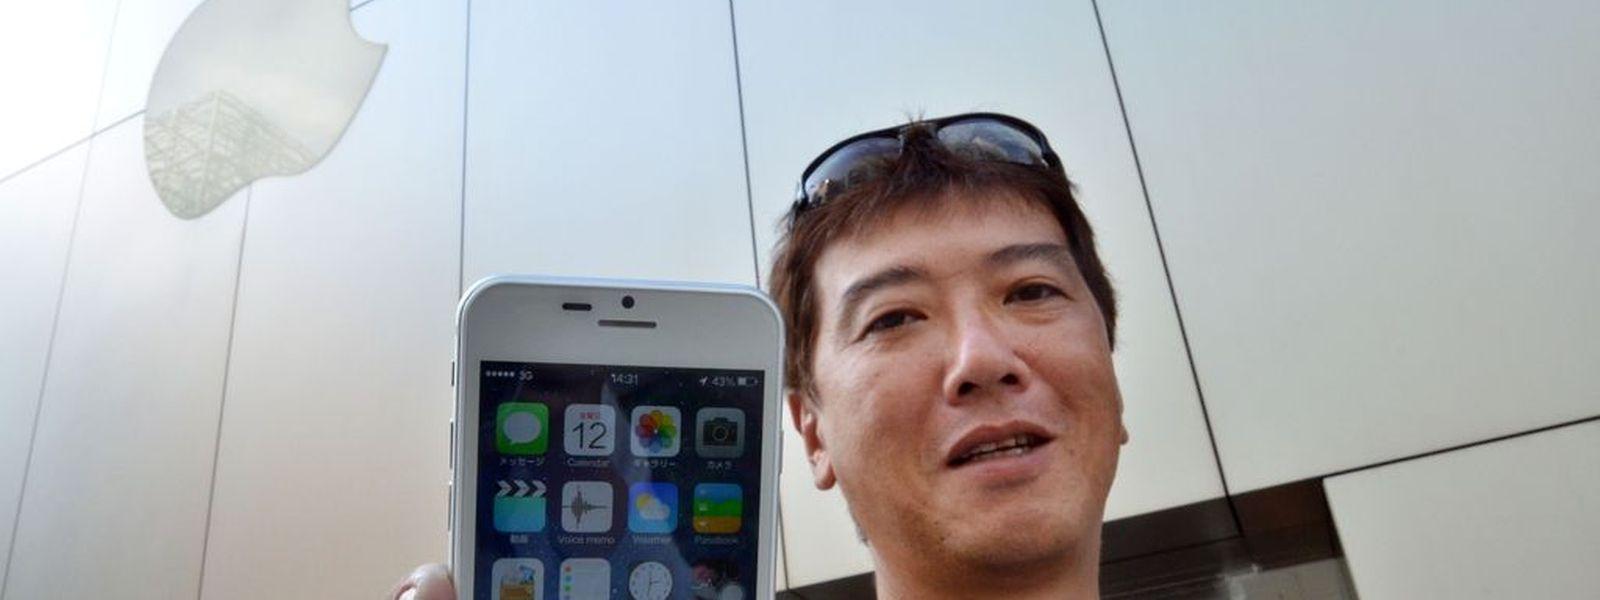 Der Hype um Apples neus iPhone hat auch die Chinesen erfasst.